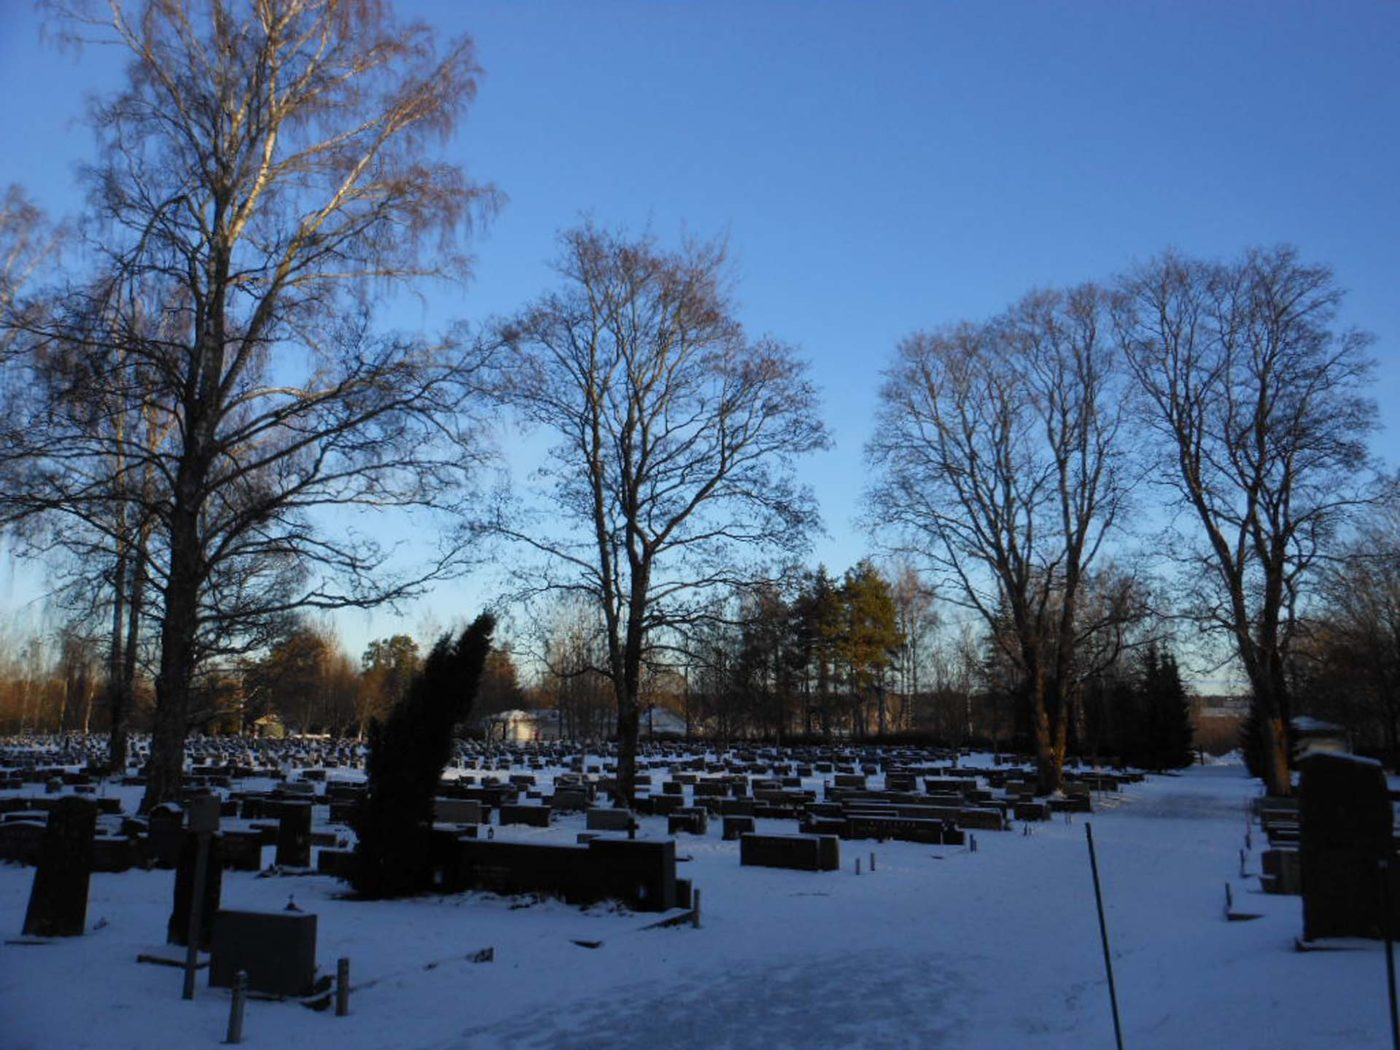 フィンランドのあれこれ 第2回目「 フィンランドの葬式会場の空間」